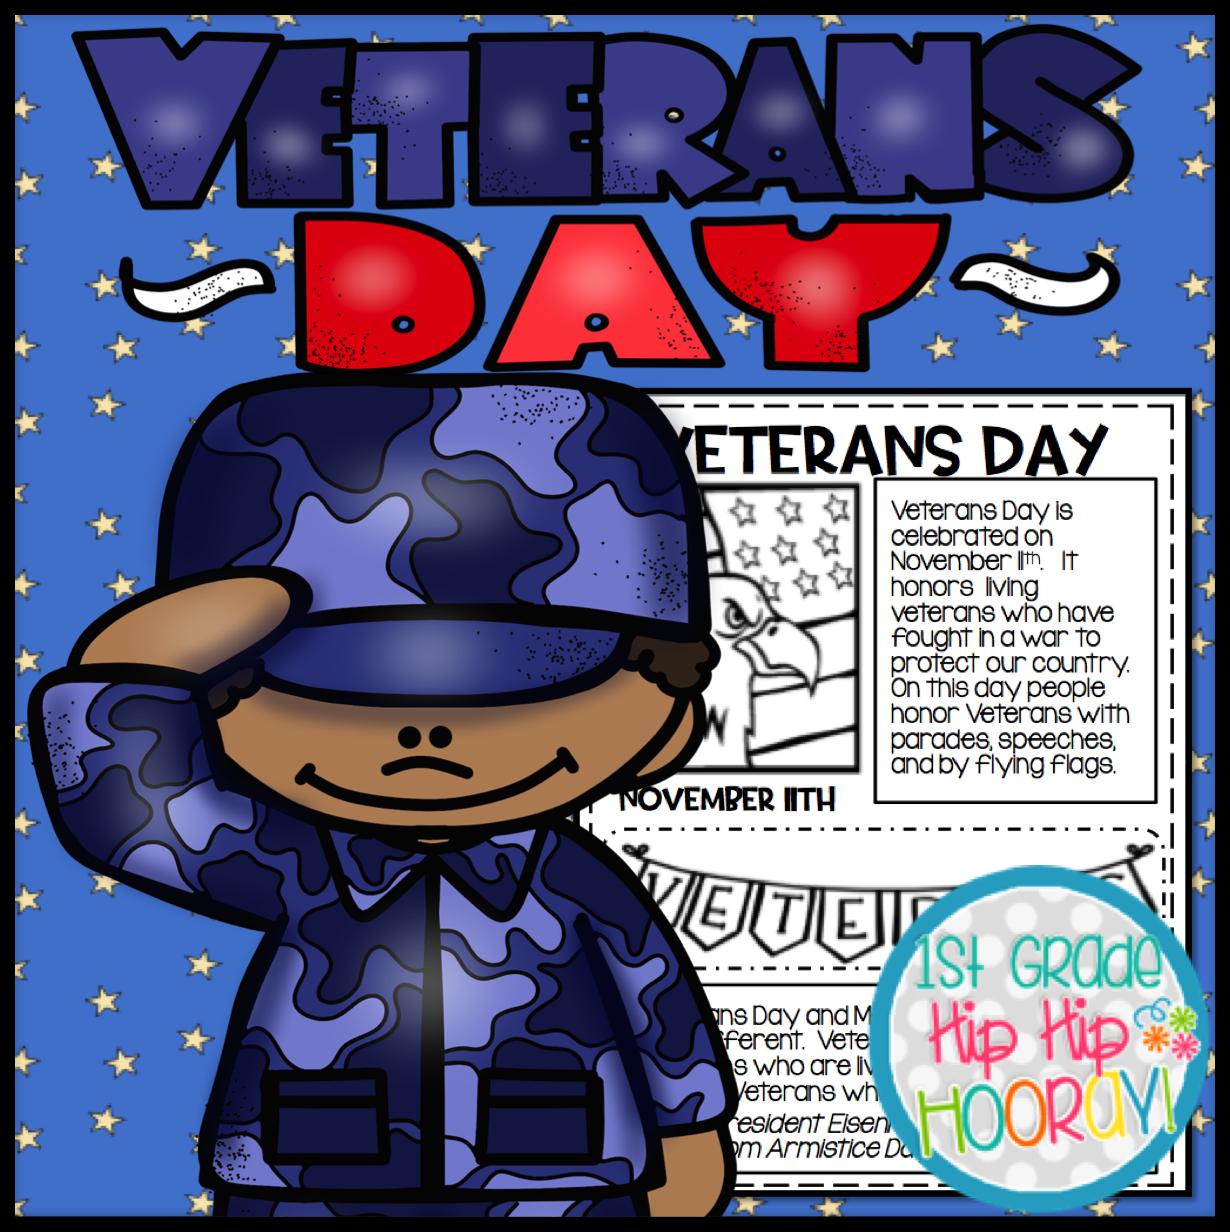 1st Grade Hip Hip Hooray Veterans Day Activities Games